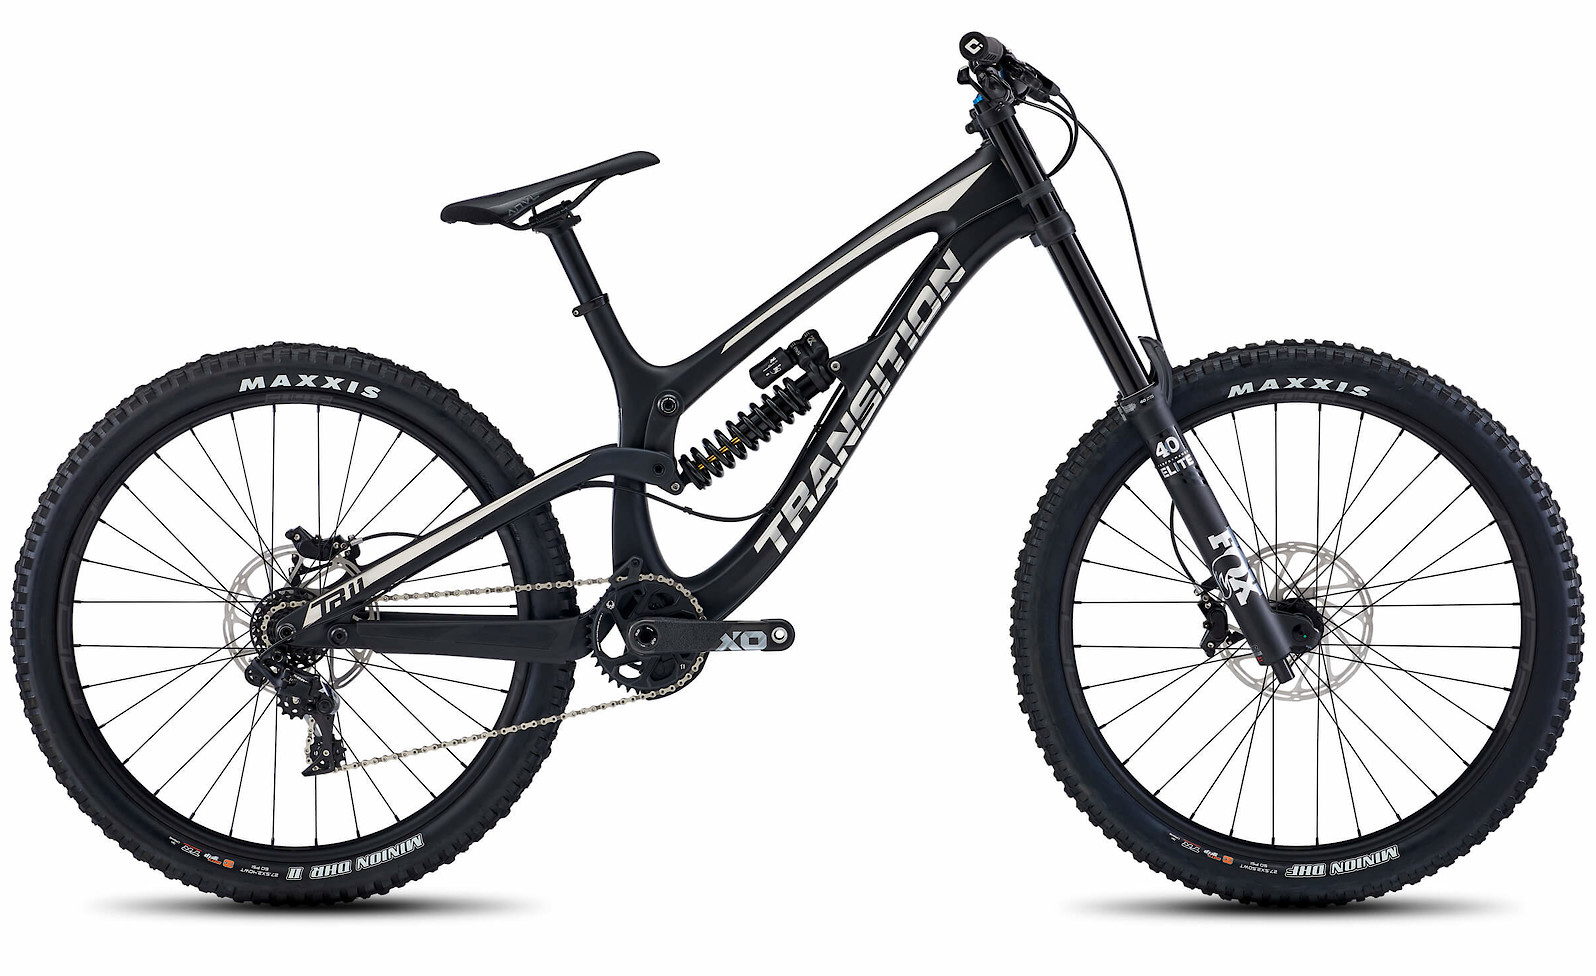 2020 Transition TR11 Carbon X01 Black Chrome